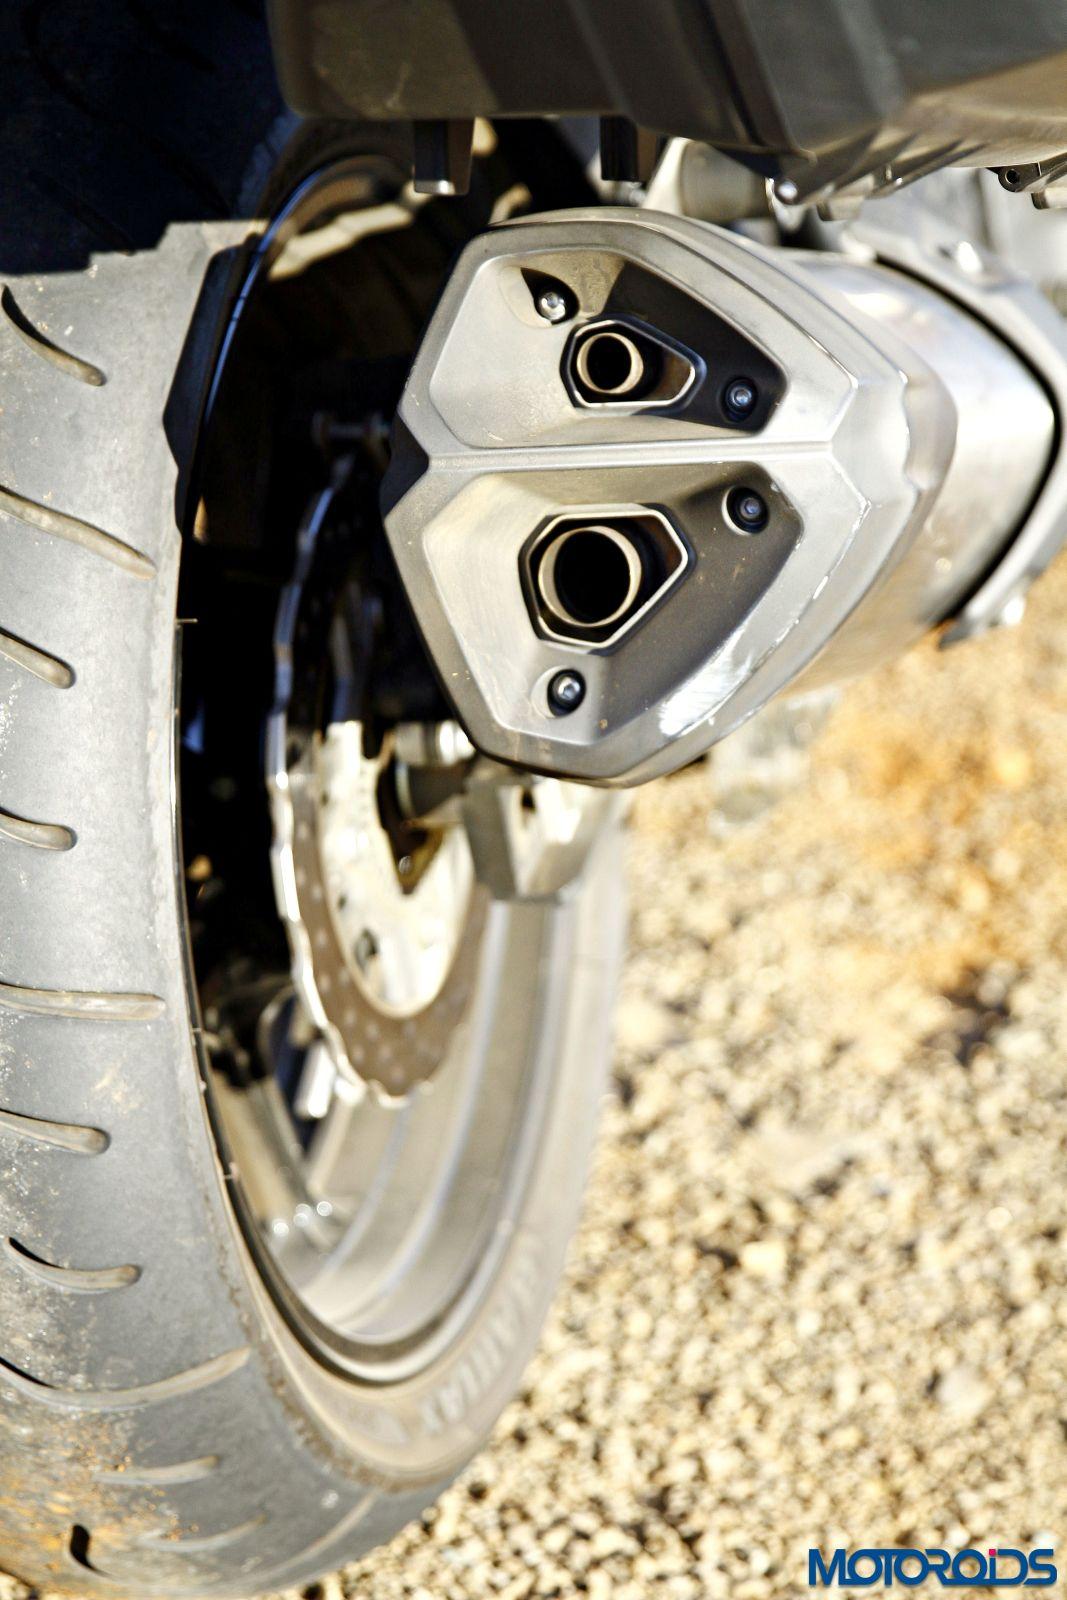 2015 Kawasaki Versys 1000 exhaust